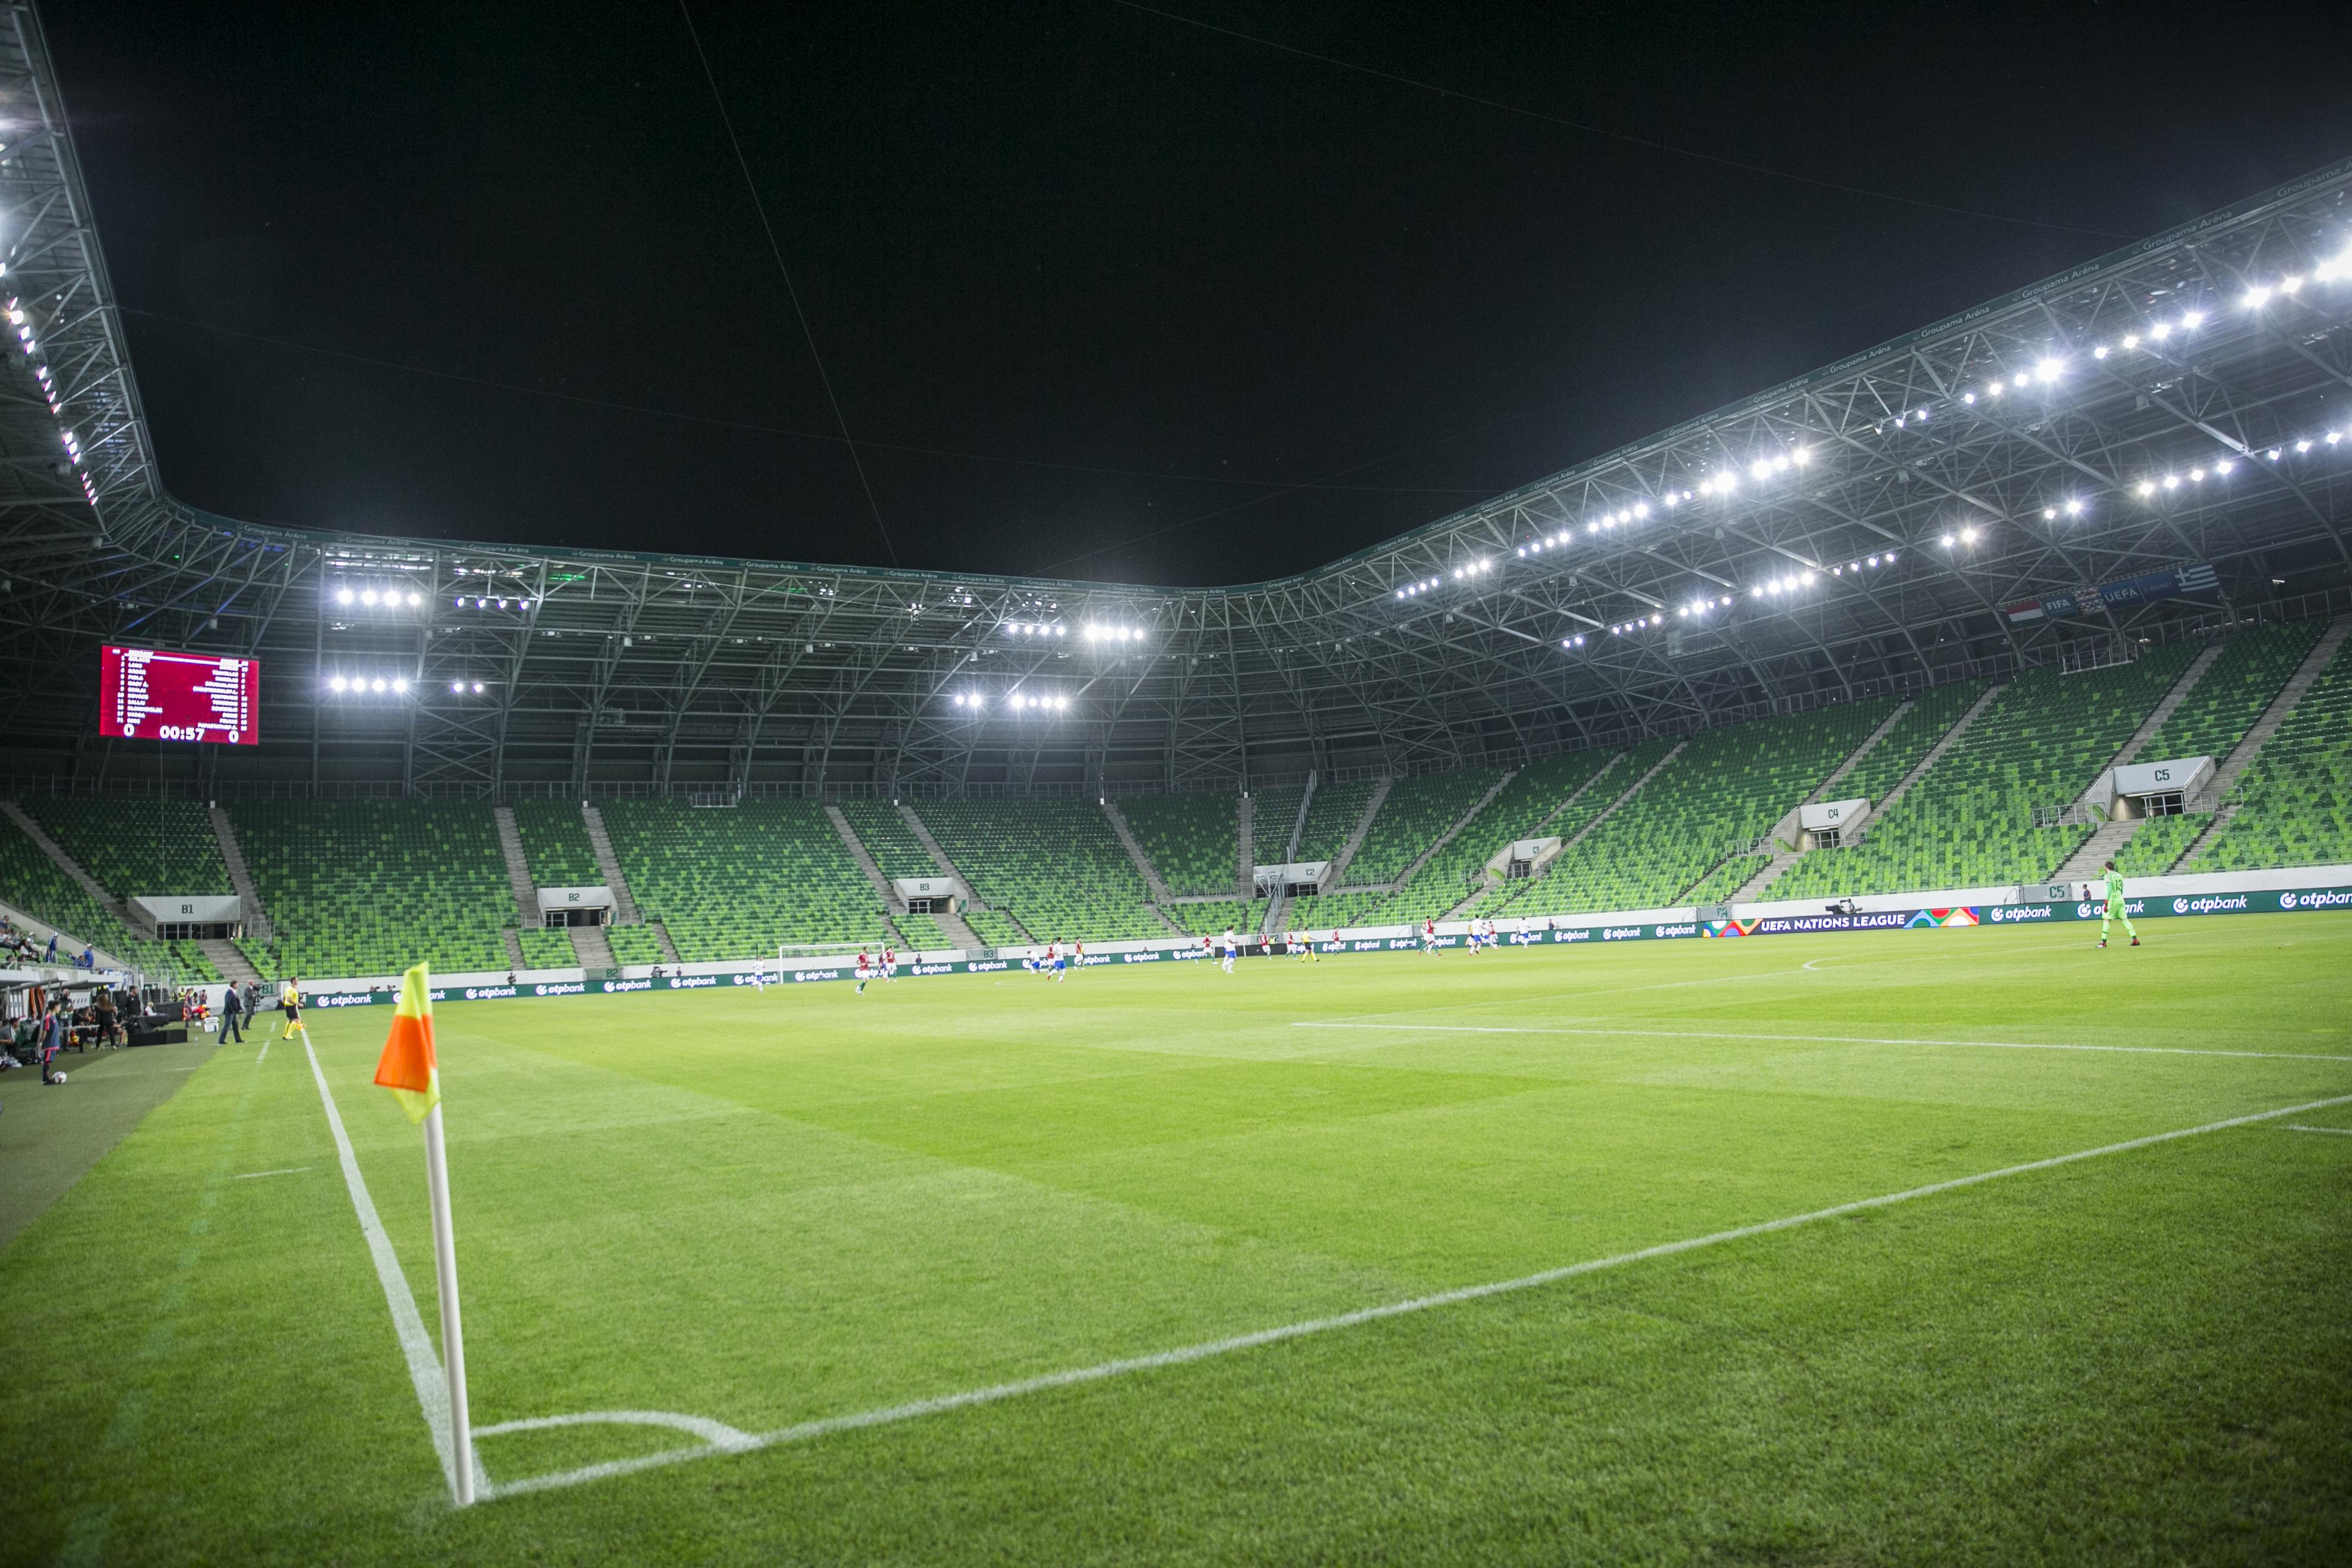 Az 55-ből már 50 európai bajnokságot felfüggesztettek, de az NB I tartja magát